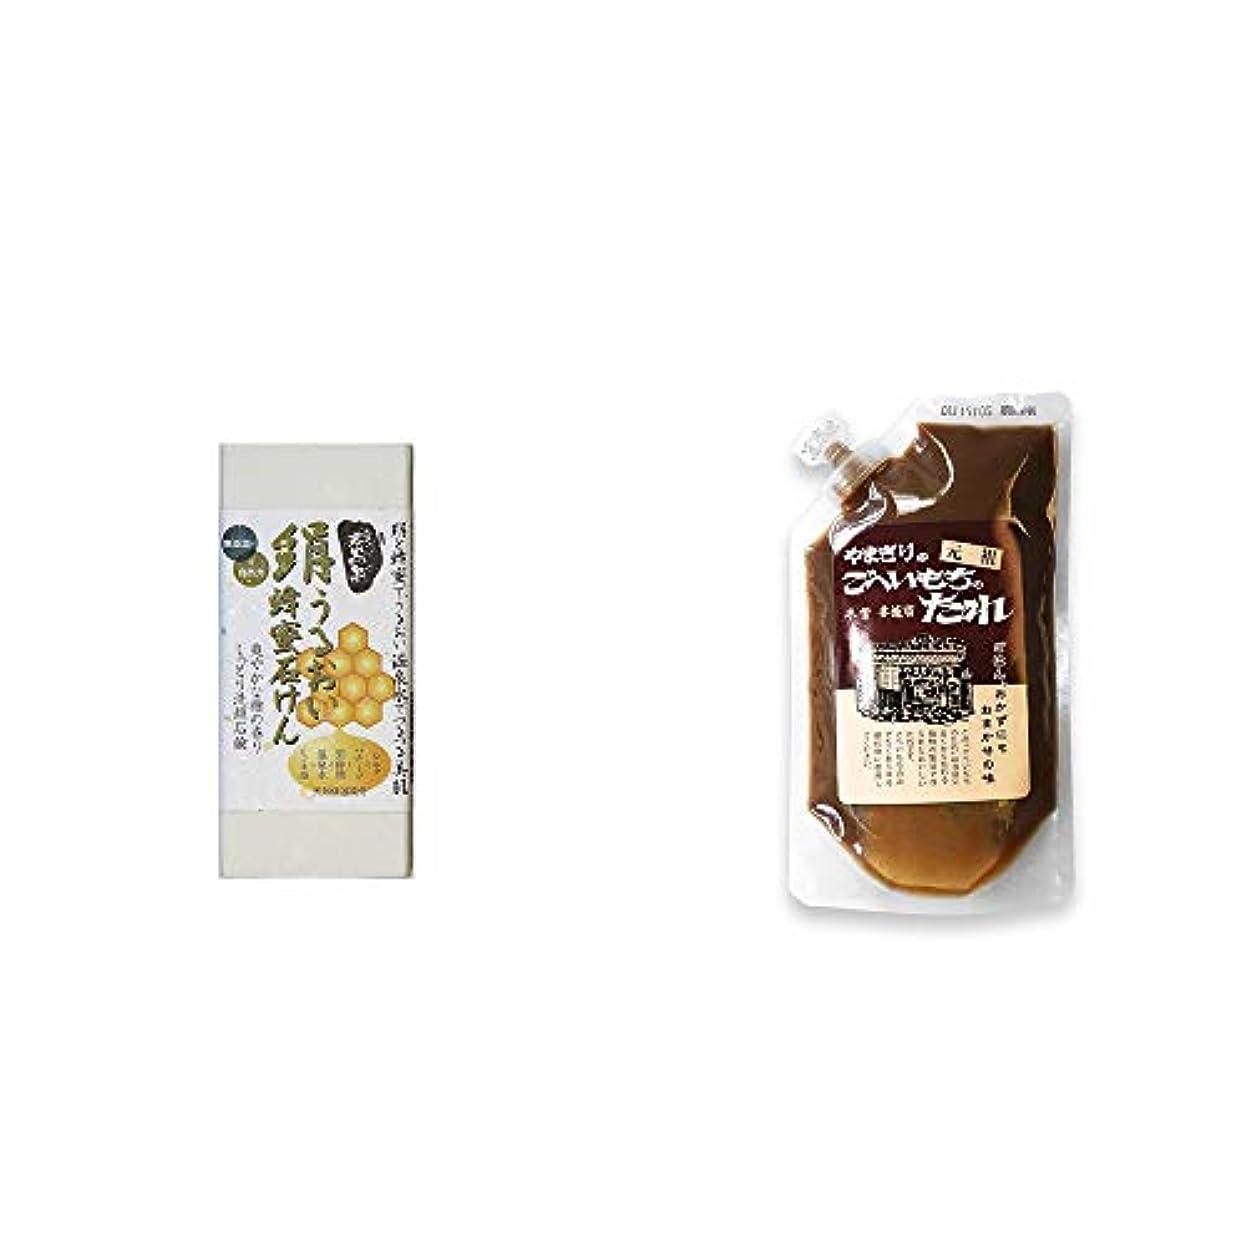 納税者作曲家かわす[2点セット] ひのき炭黒泉 絹うるおい蜂蜜石けん(75g×2)?妻籠宿 やまぎり食堂 ごへい餅のたれ(250g)